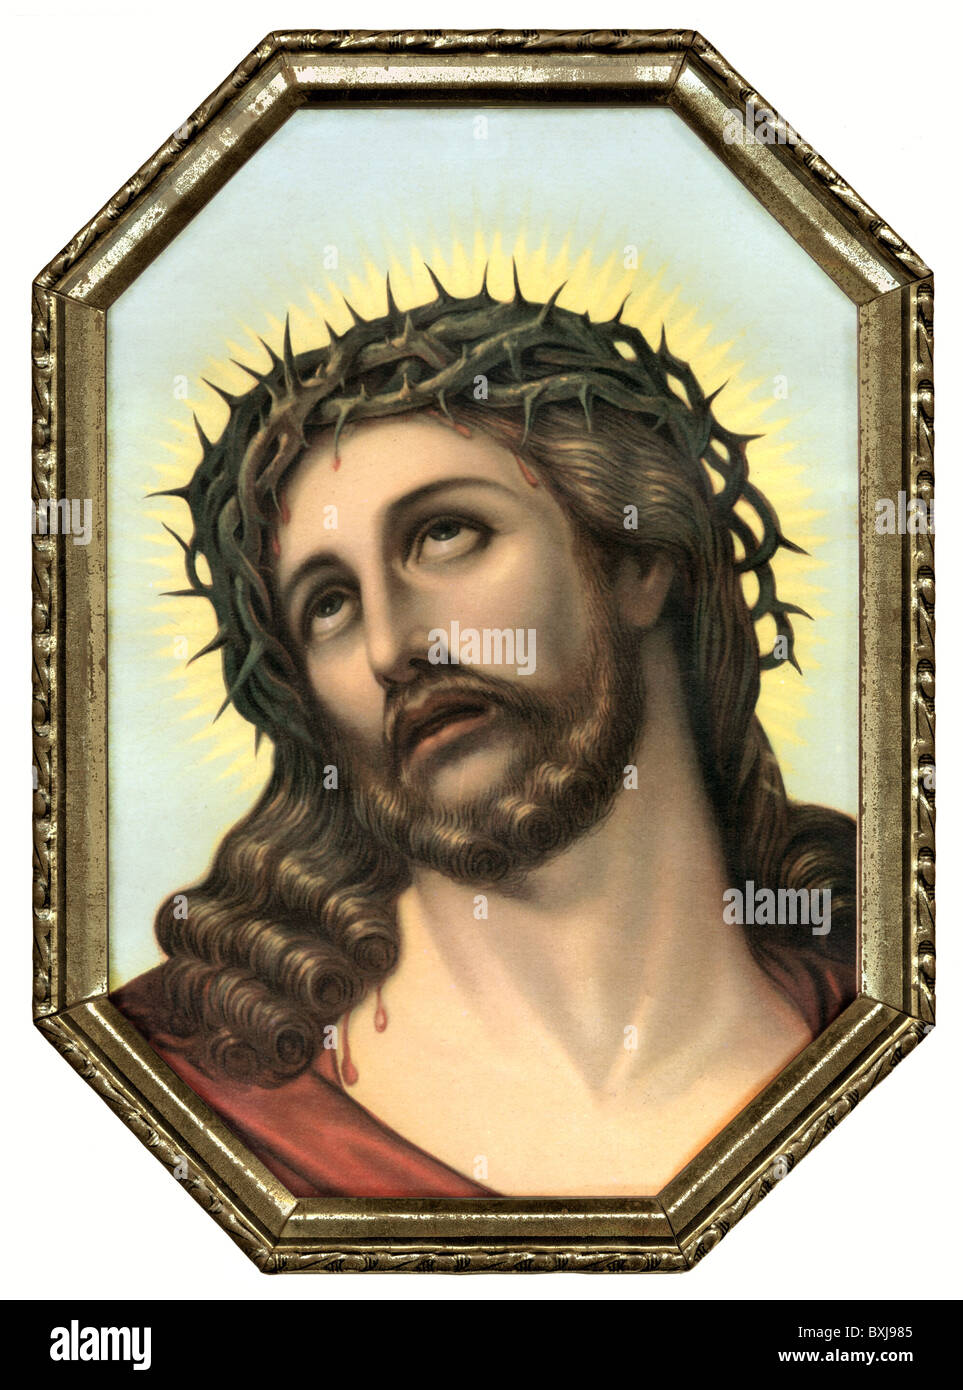 christ portrait stock photos christ portrait stock images alamy